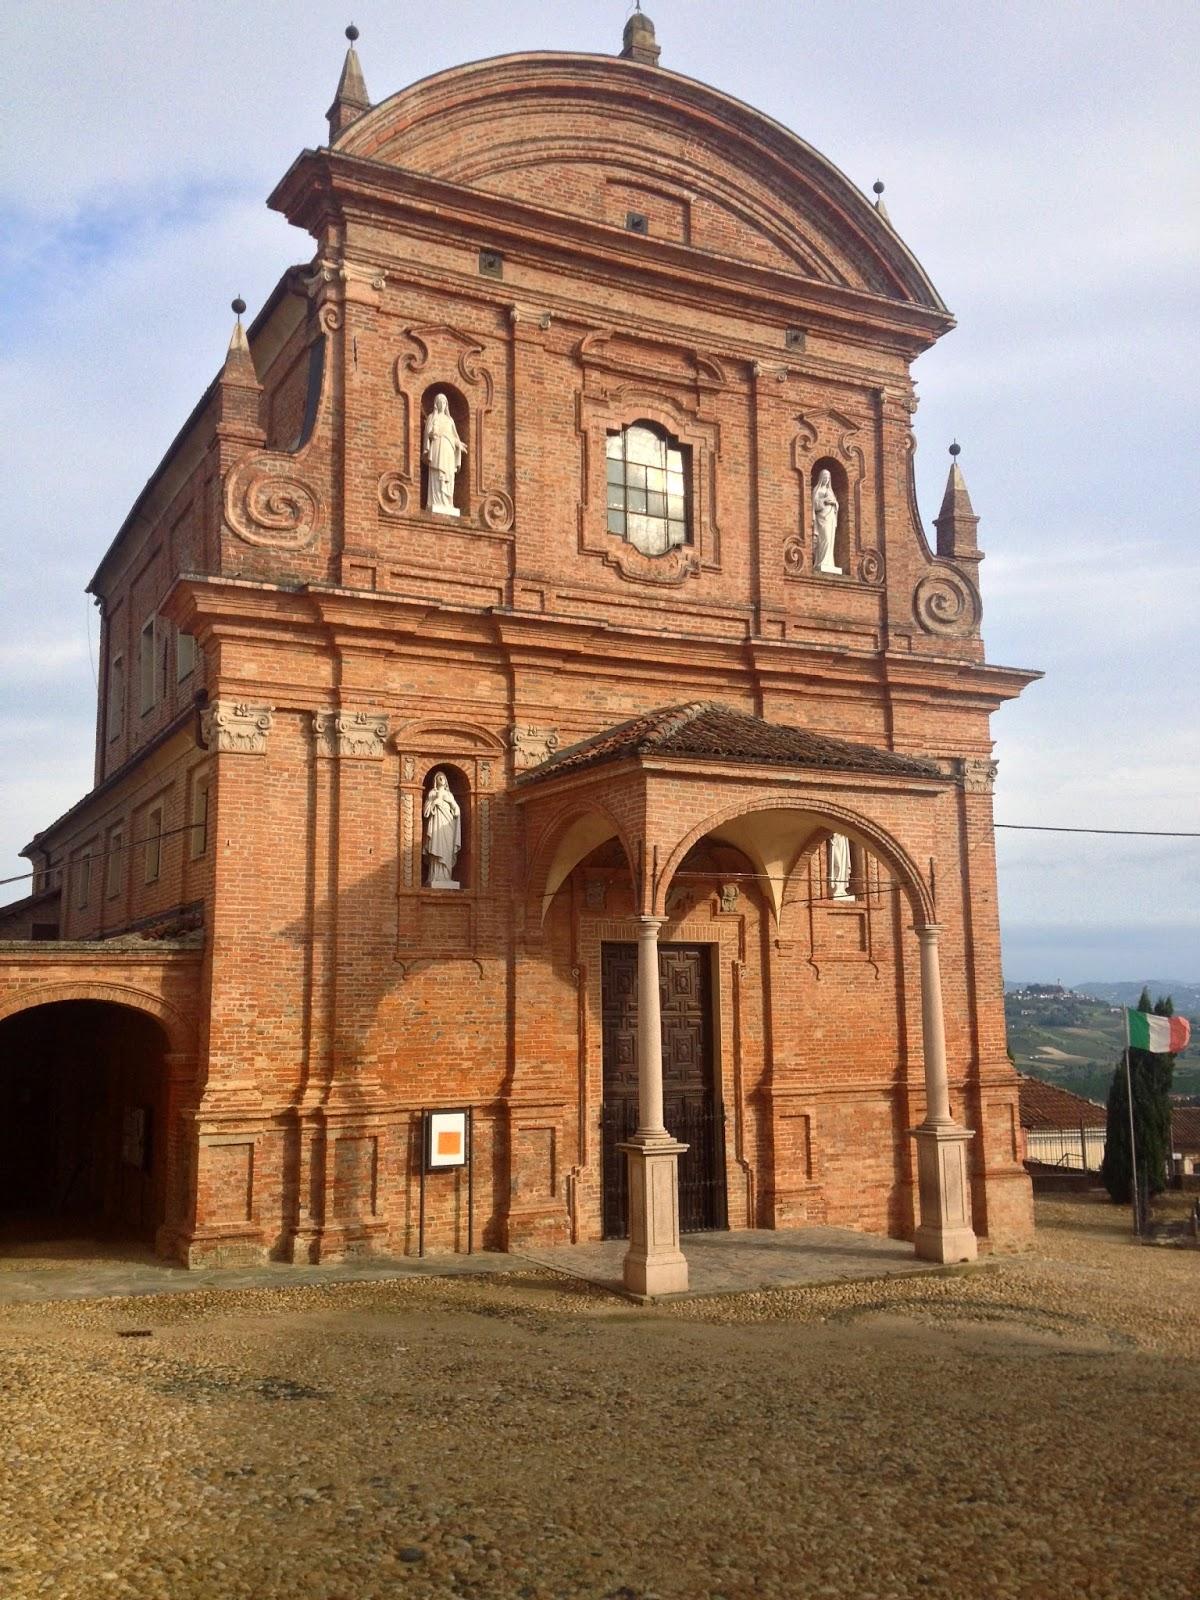 Castelnuovo Calcea